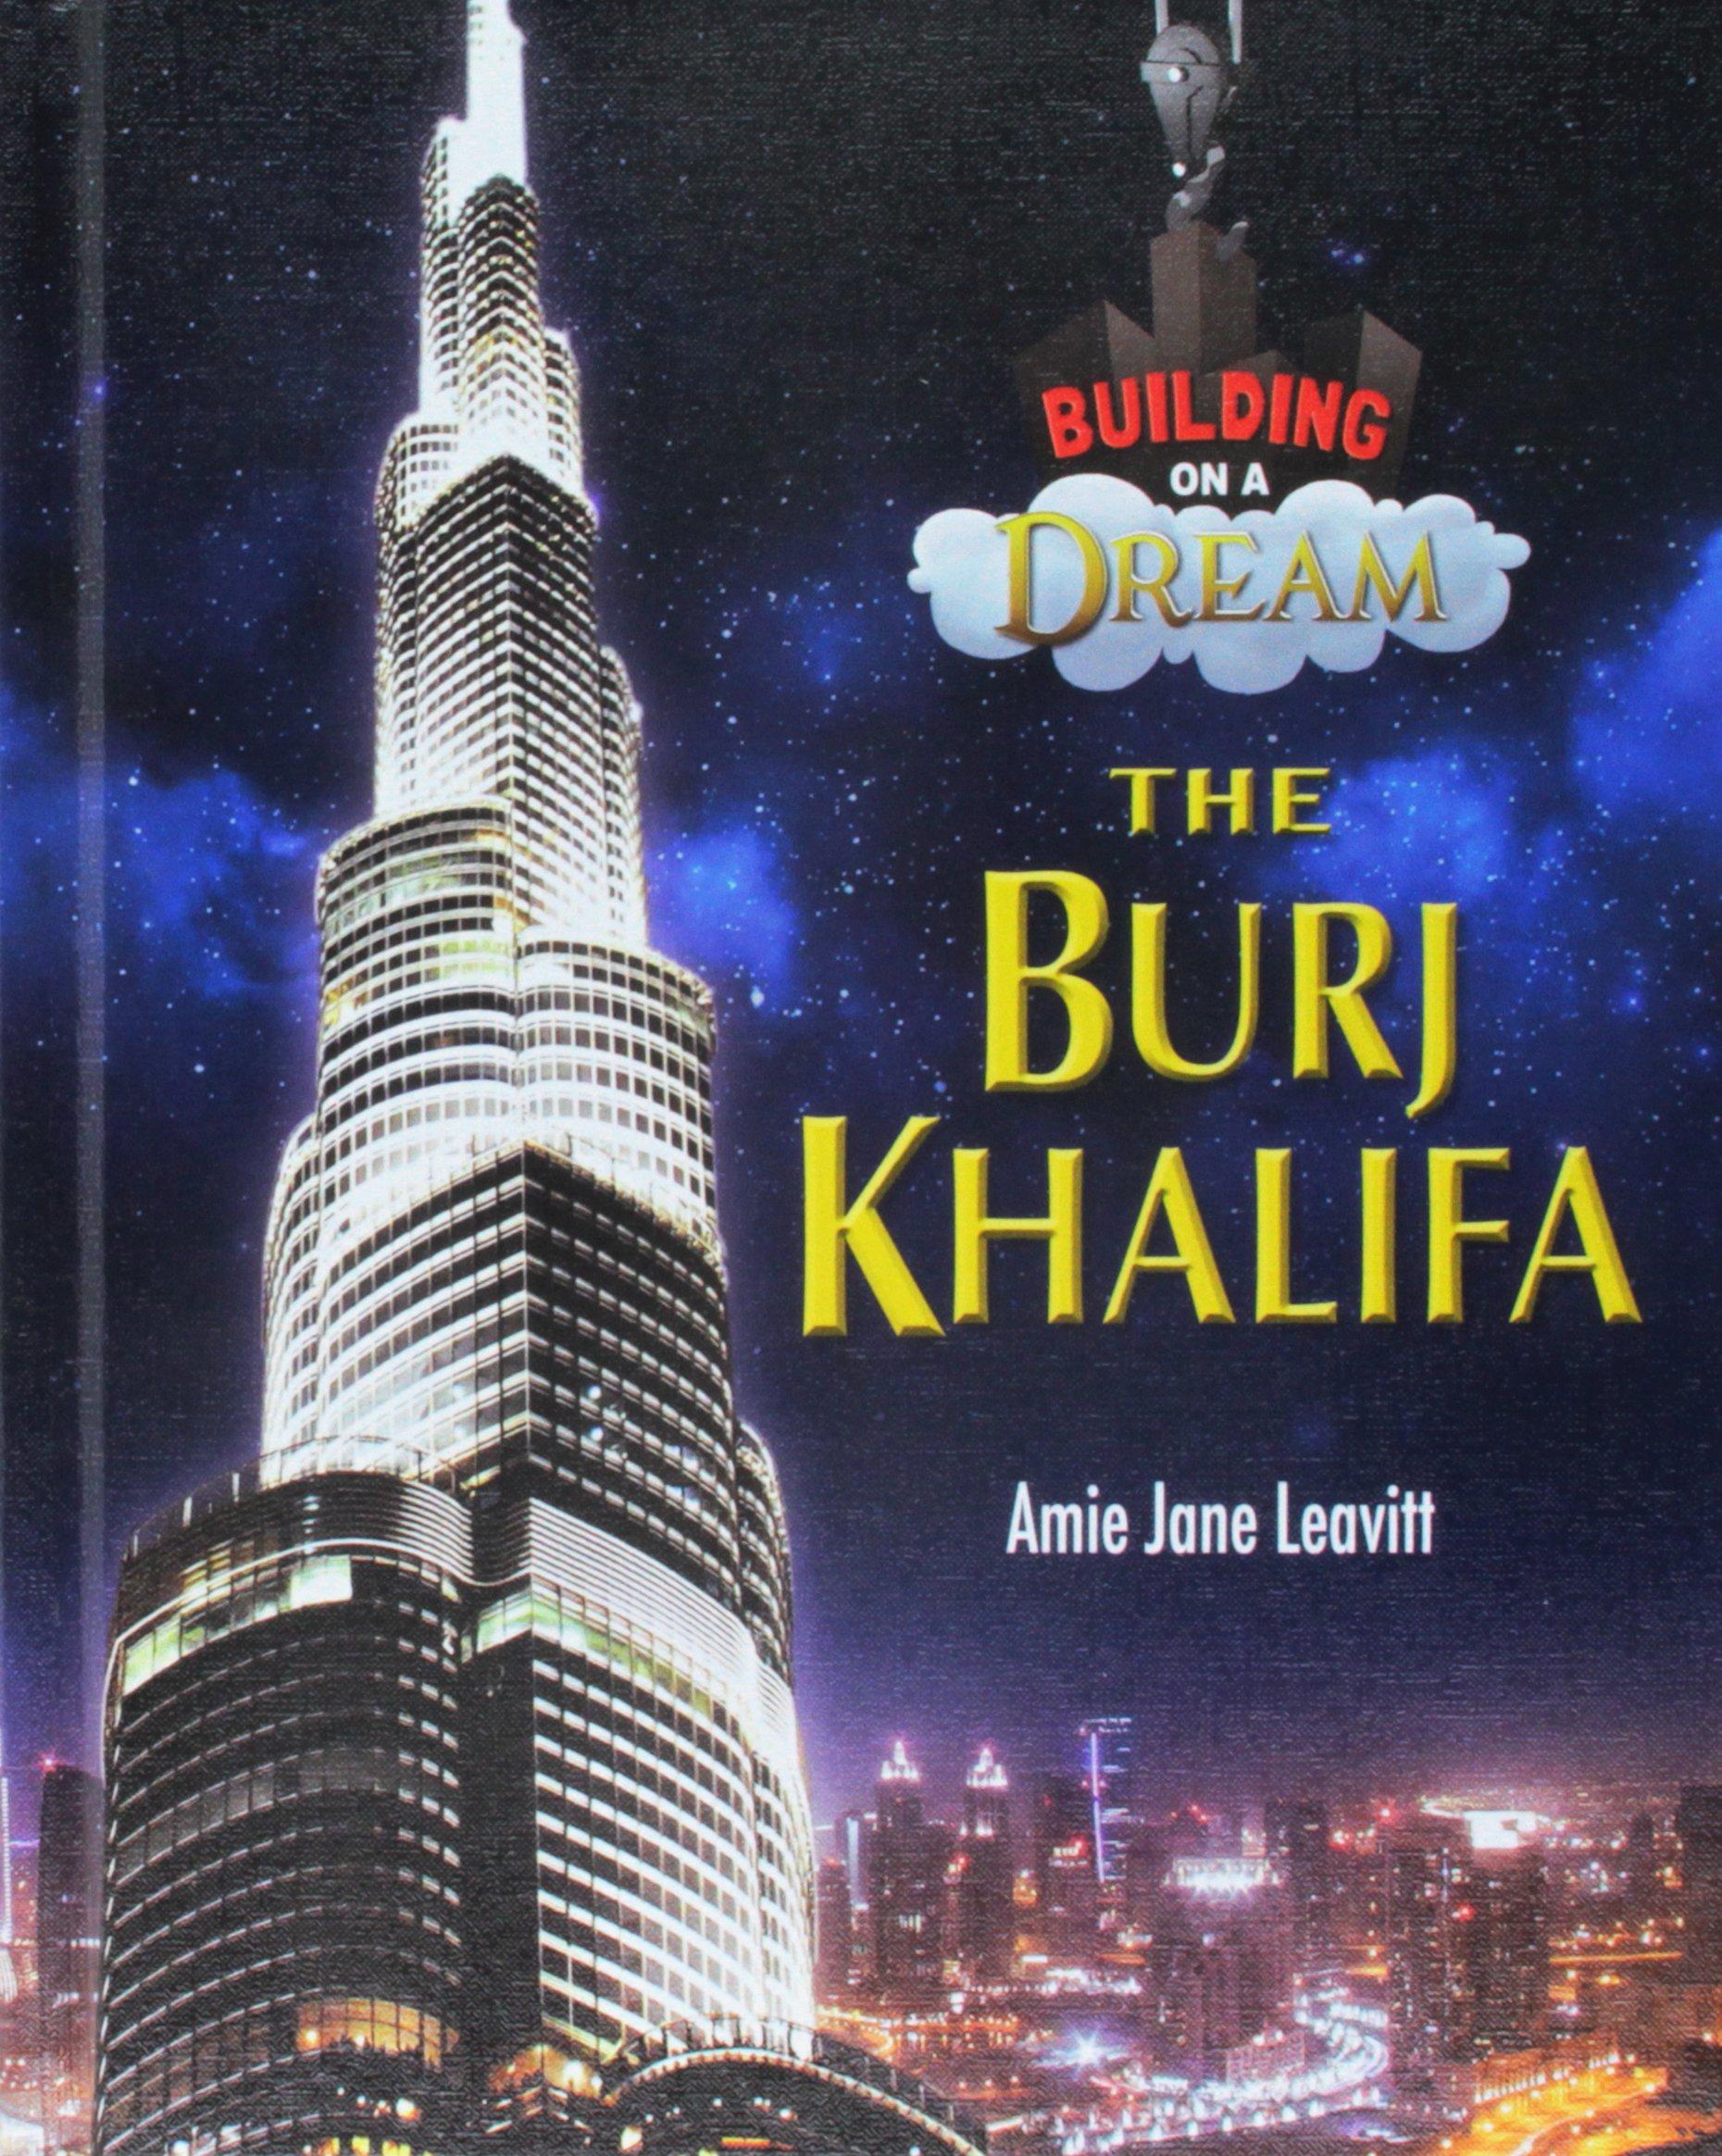 The Burj Khalifa (Building on a Dream)